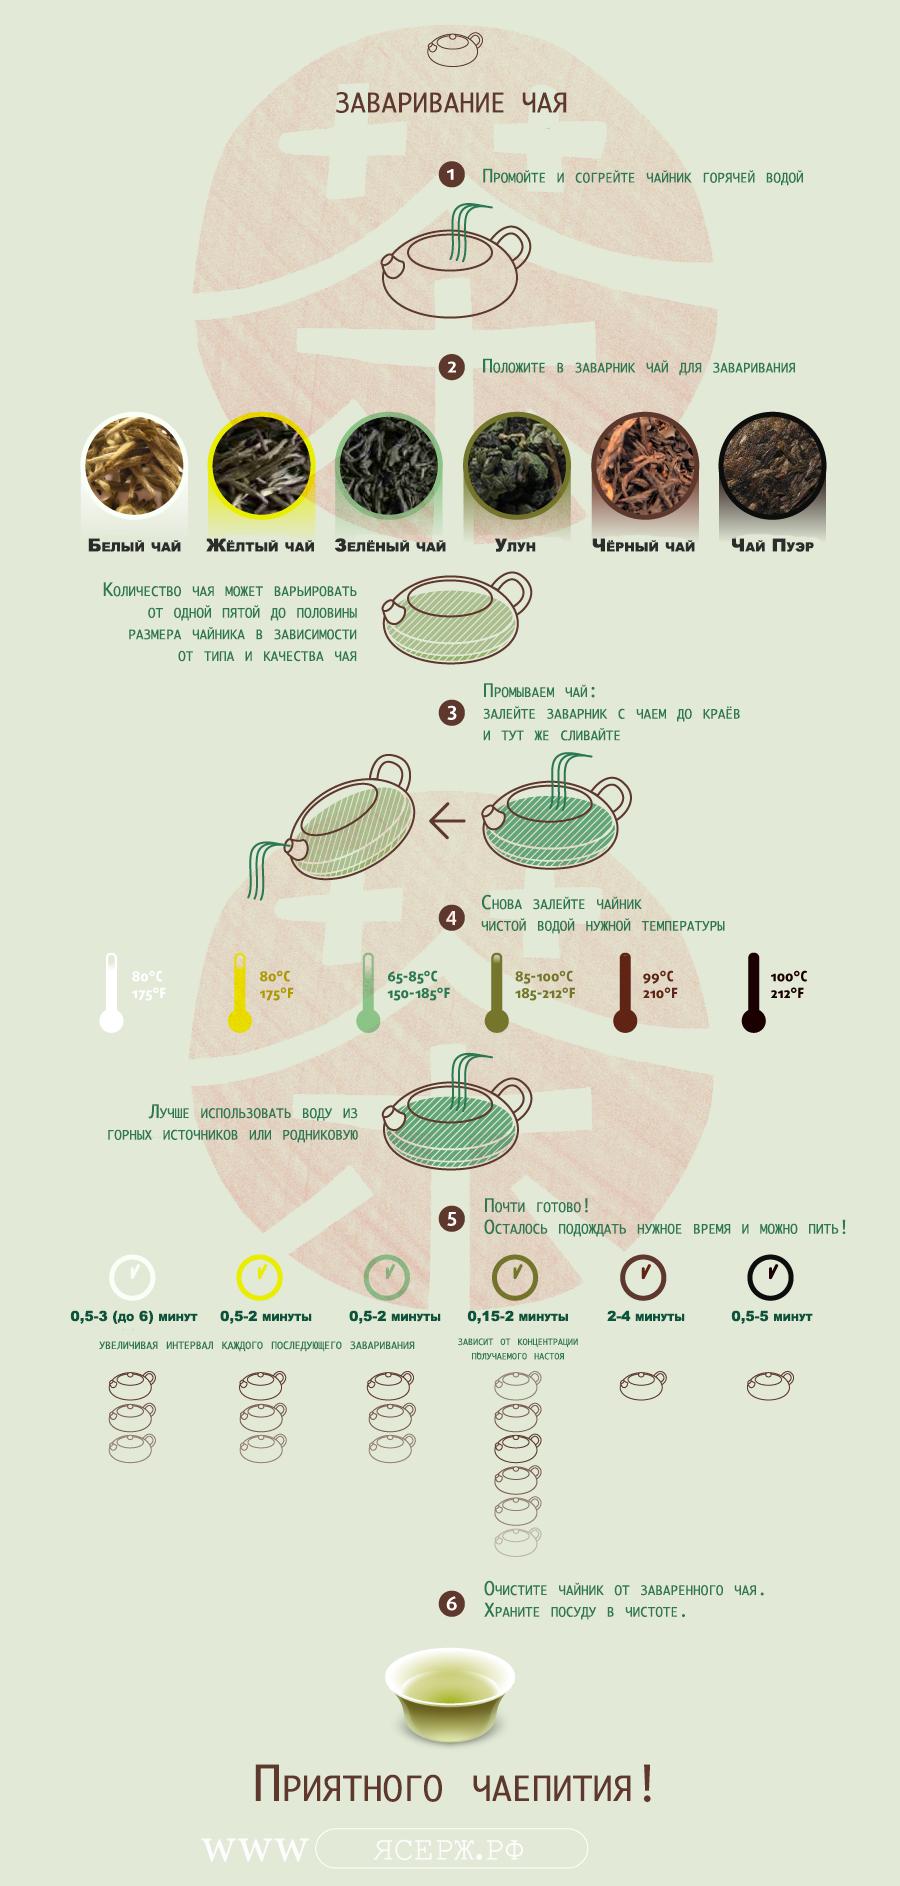 Инструкция как заваривать чай